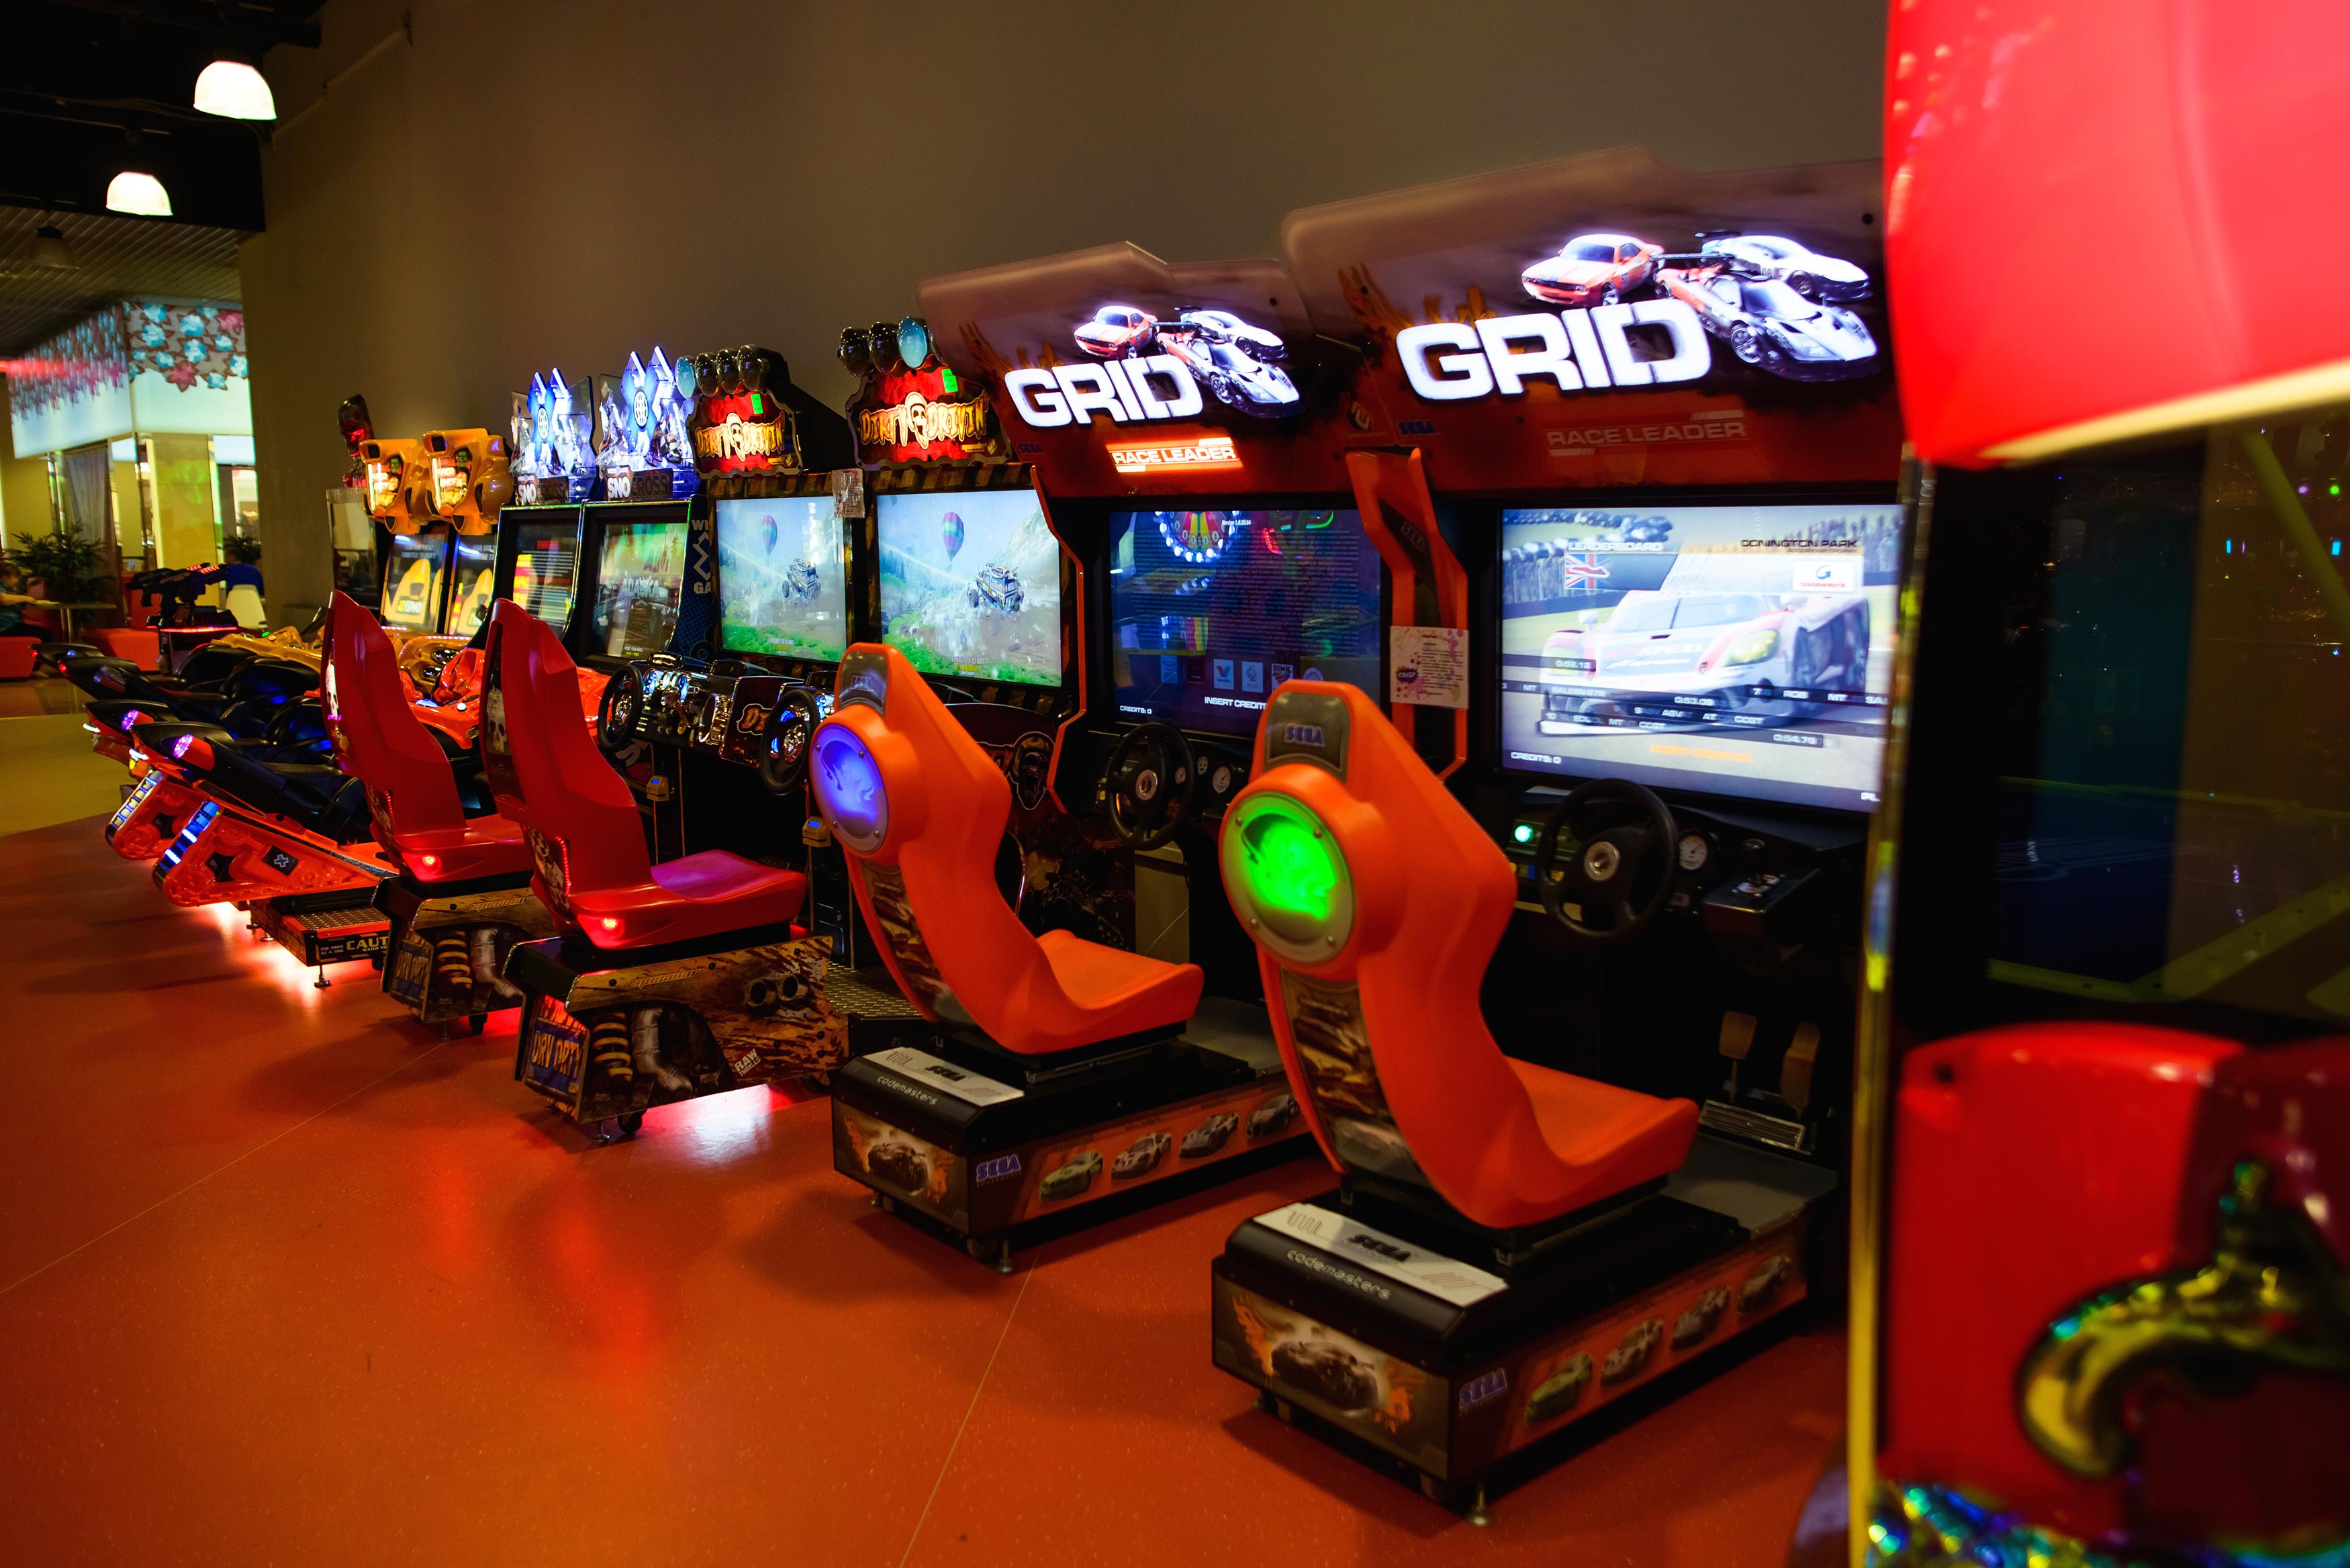 Есть ли в новокузнецке игровые автоматы рулетка matrix black